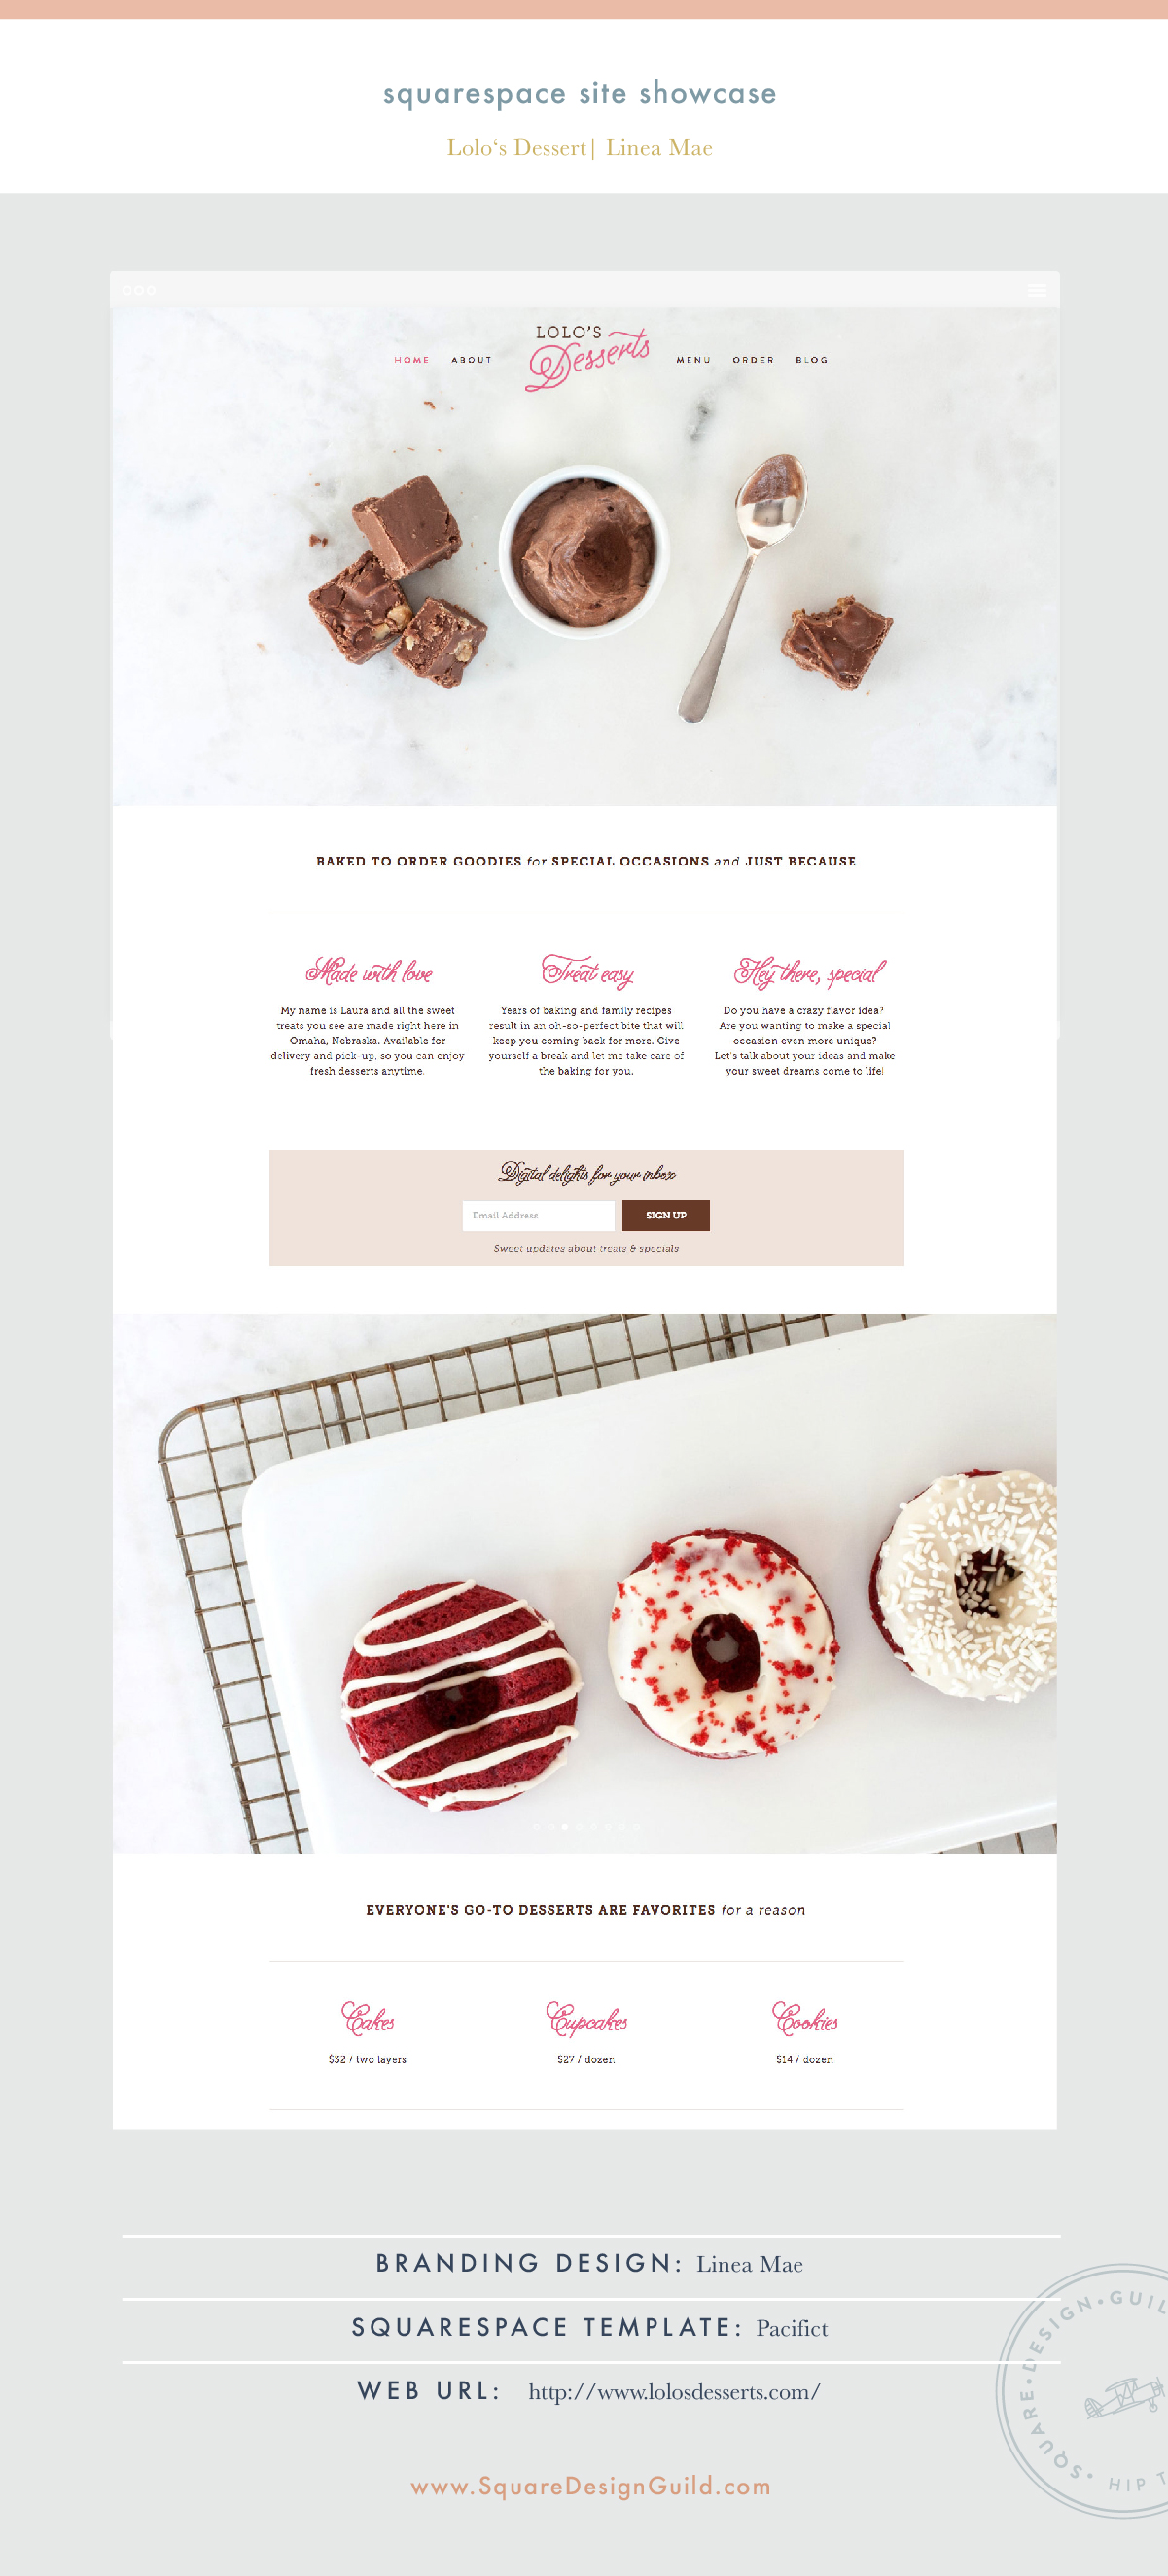 Square Design Guild | Site Showcase | Lolo's Desserts by Linea Mae | Pacific Template